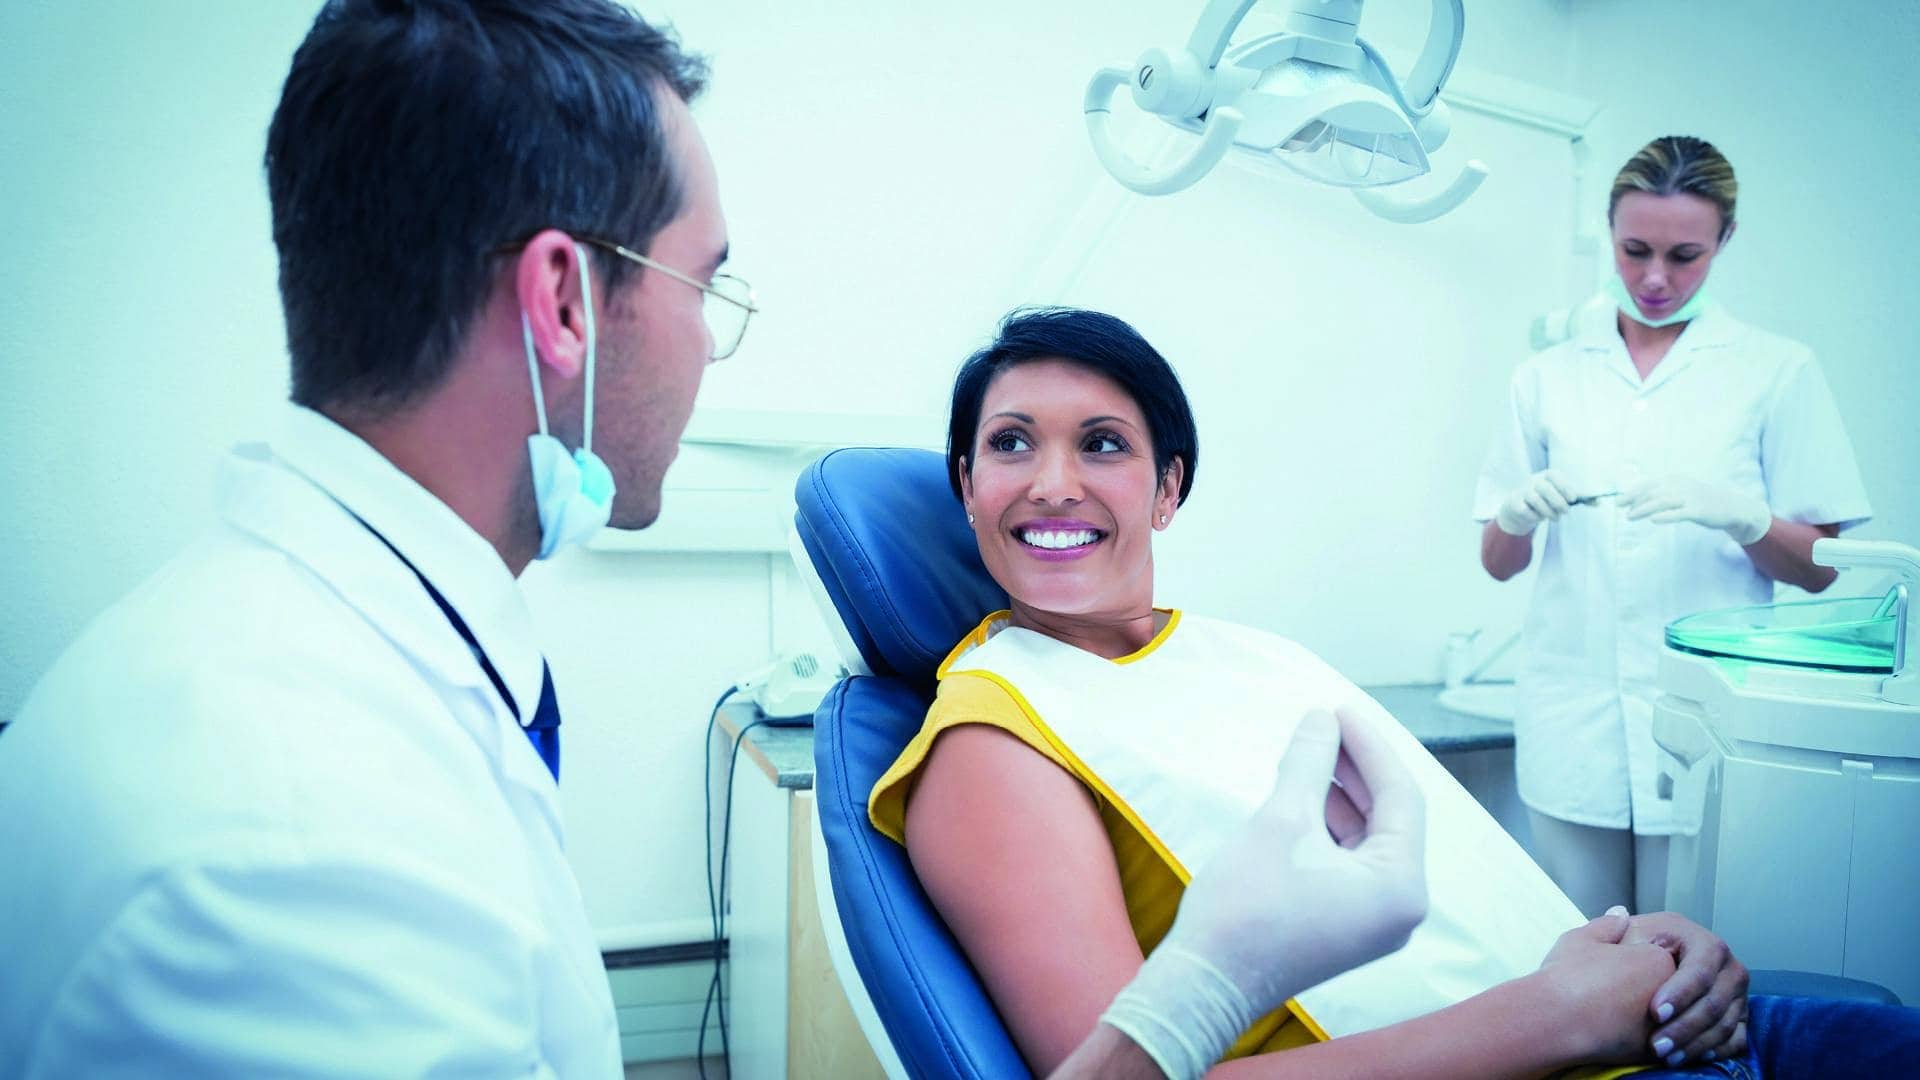 Το Πρώτο Ραντεβού Στον Οδοντίατρο